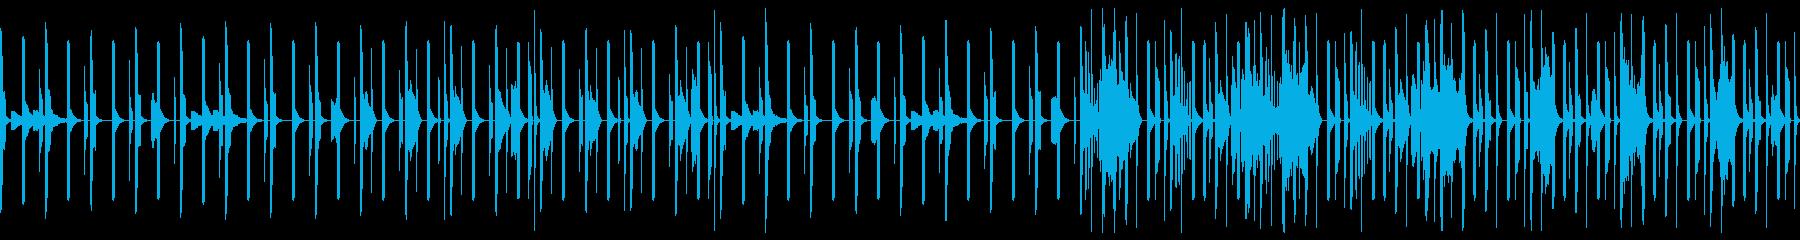 夜をイメージしたテクノ ループの再生済みの波形